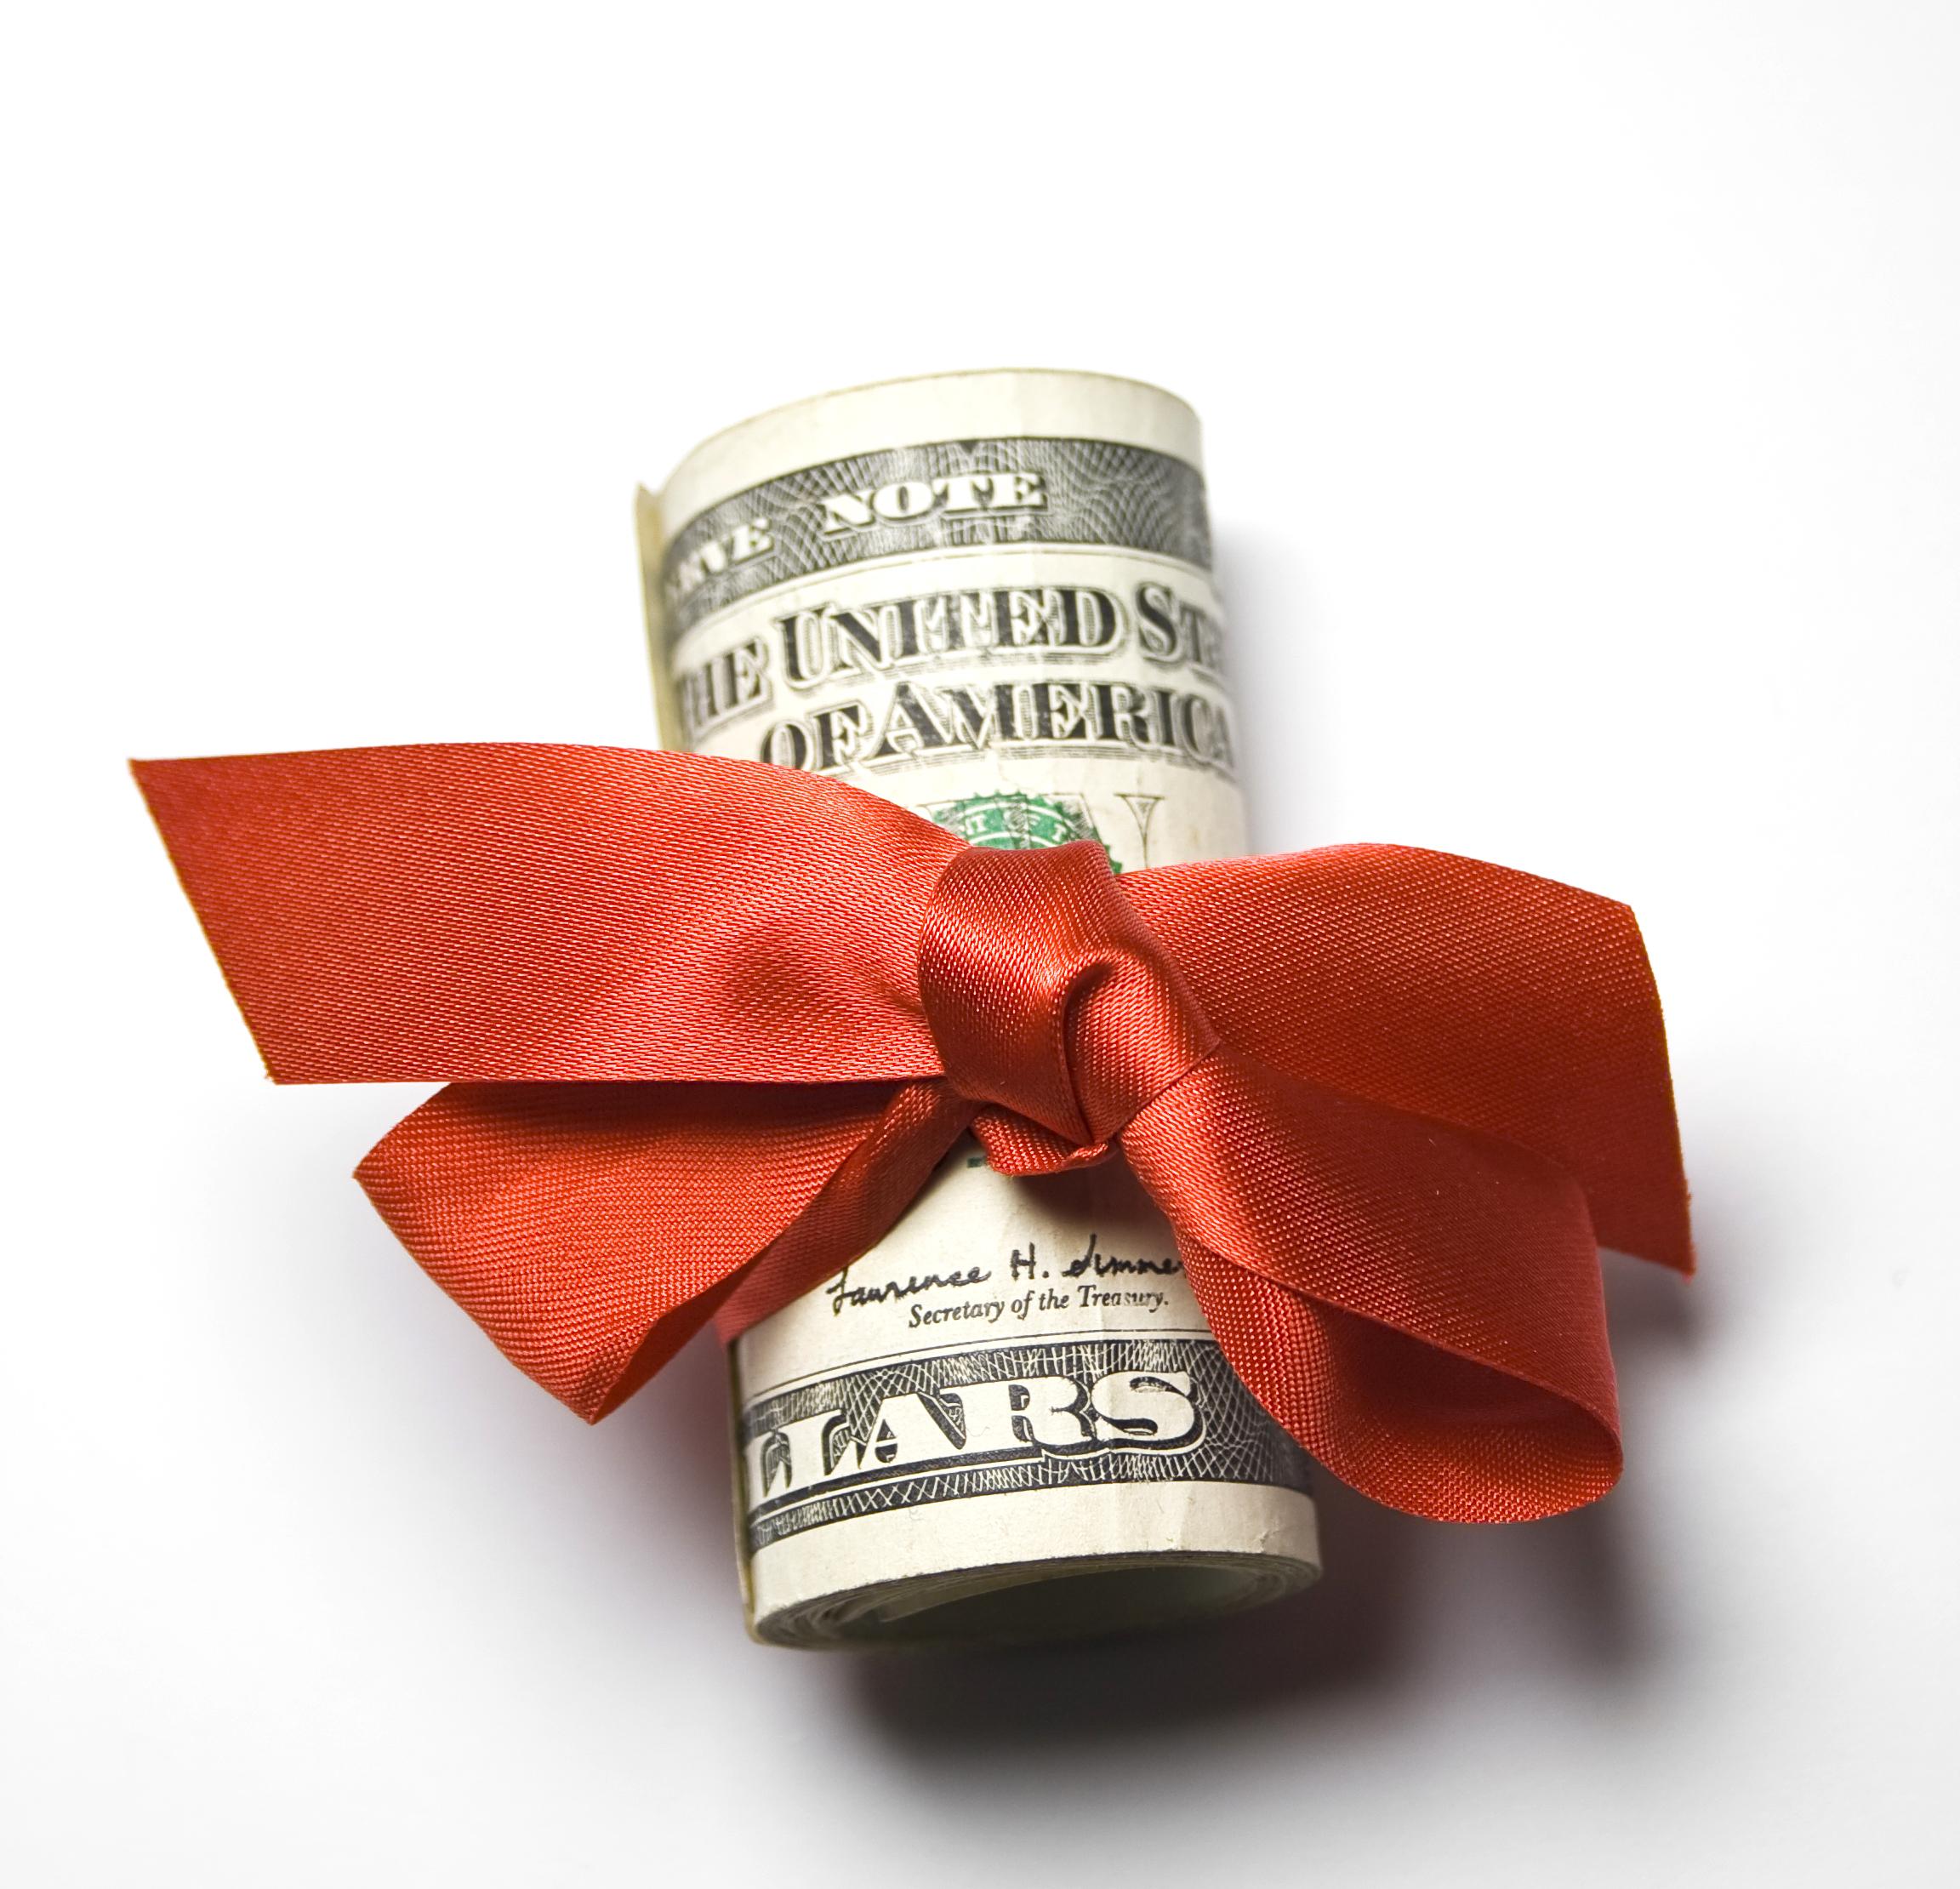 Гранты нко: виды грантов и как получить грант